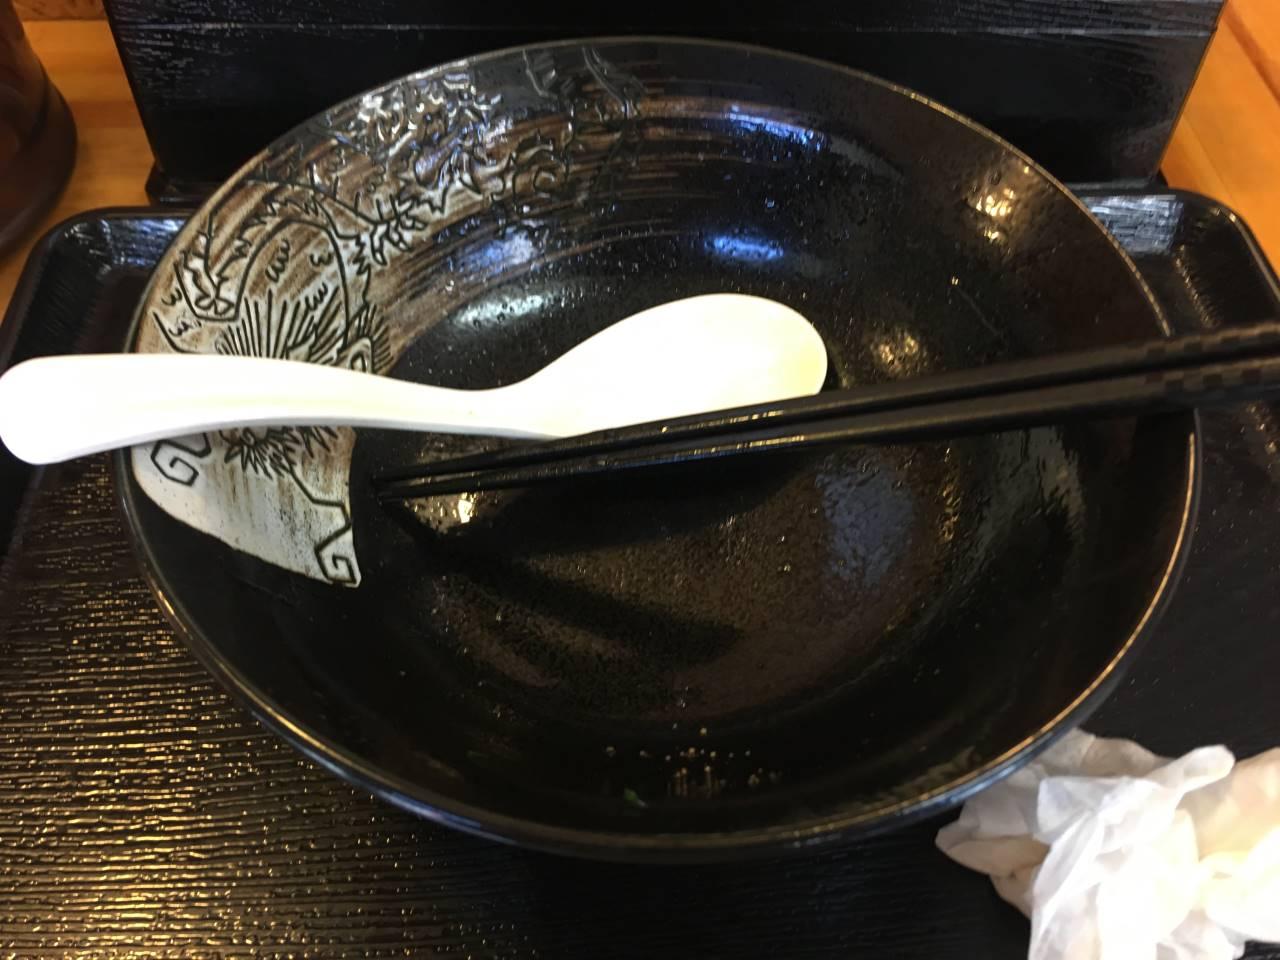 食べ終えた丼:とろとろ牛スジねぎ塩そば (牛すじ品切れ)|麺屋太陽